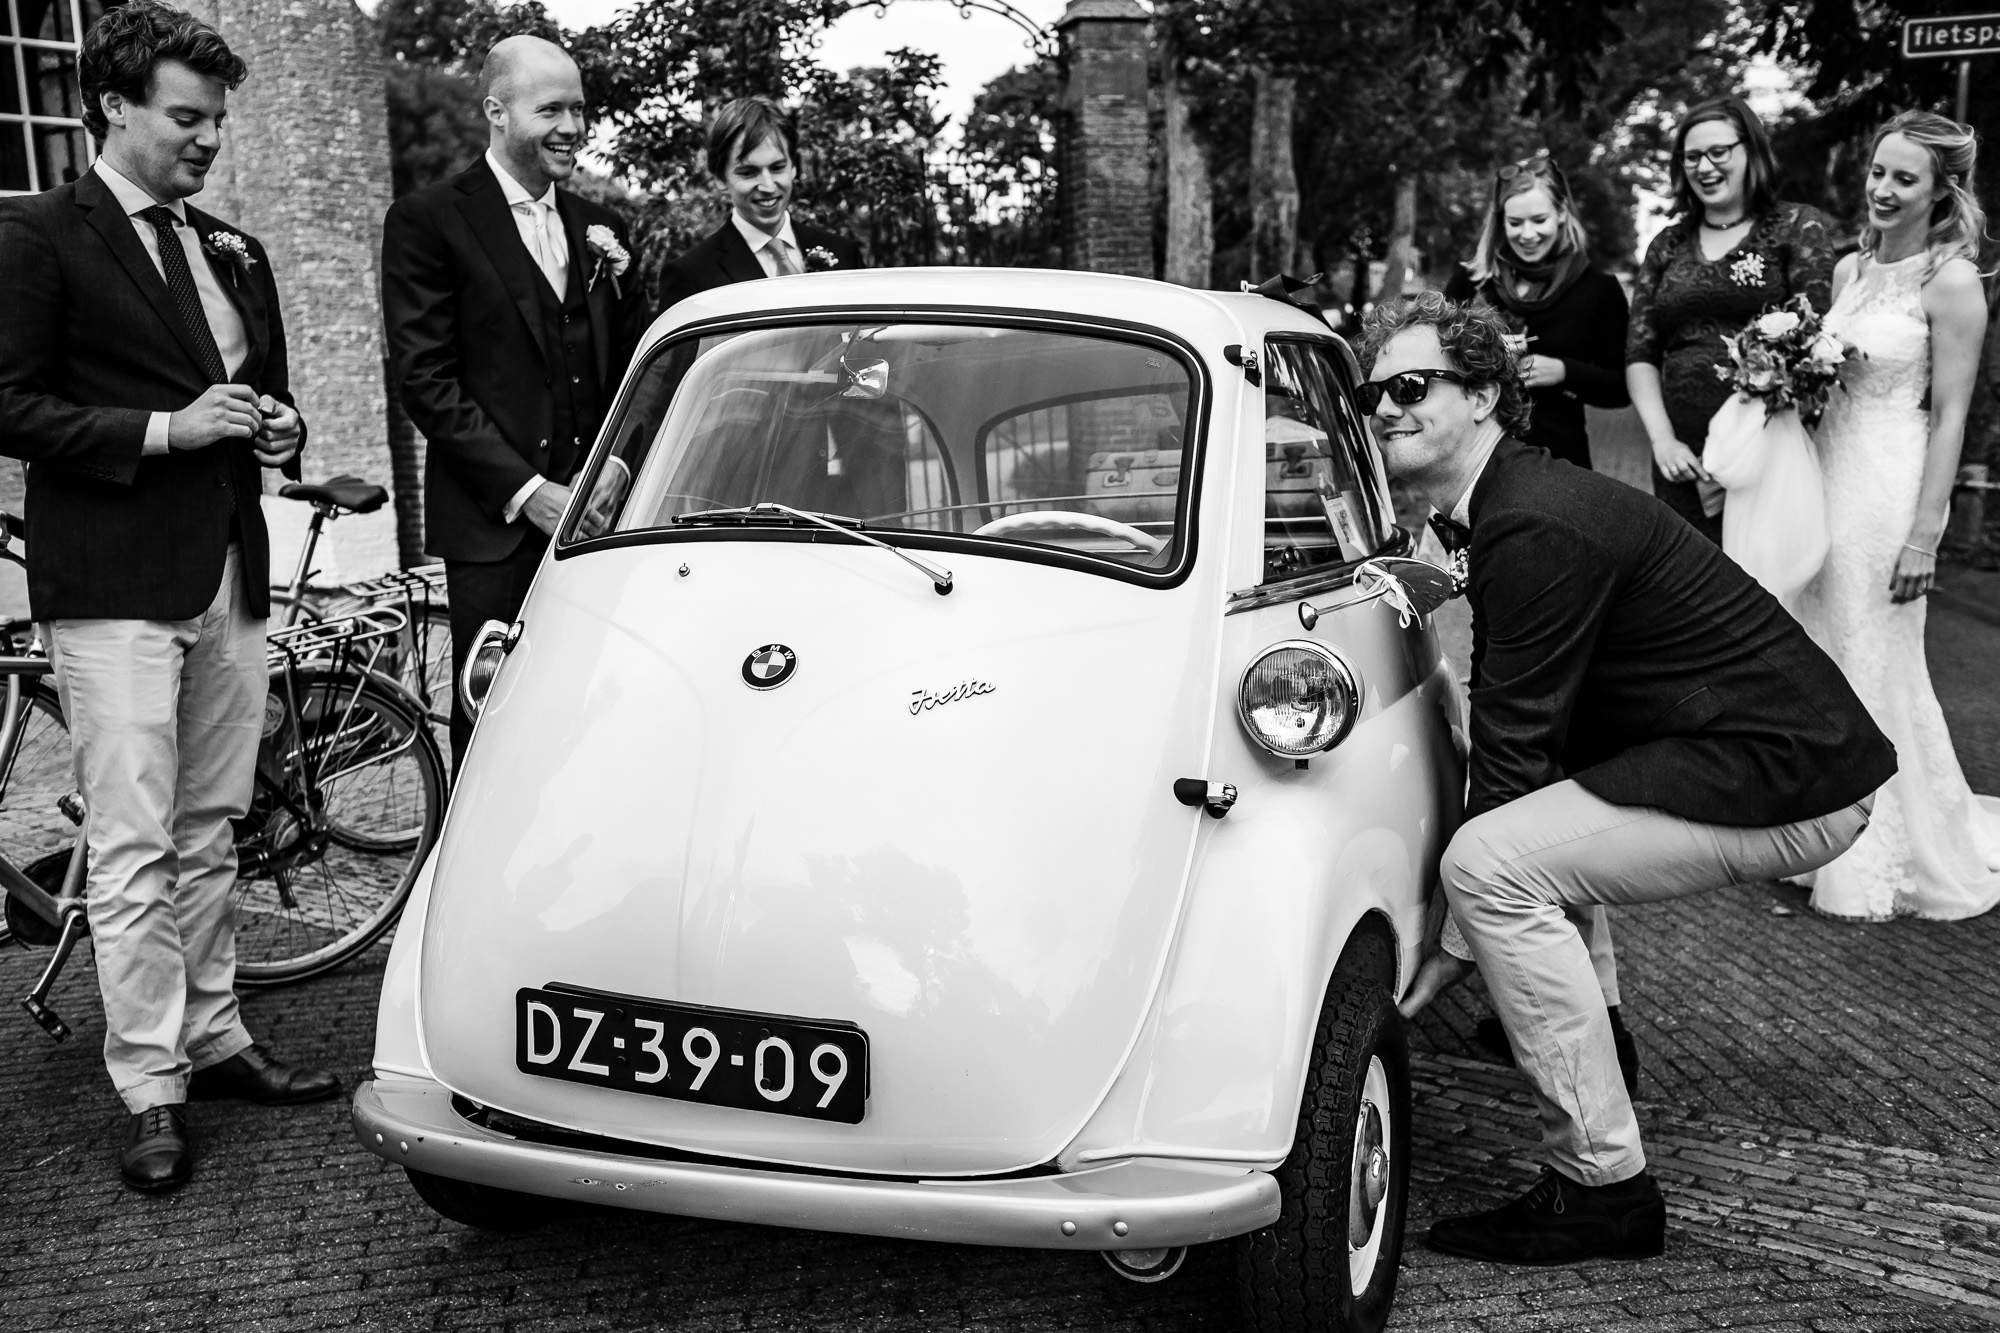 Bruidsfotograaf Vlieland | Bruidsfotograaf Friesland | Ongeposeerde trouwfoto's